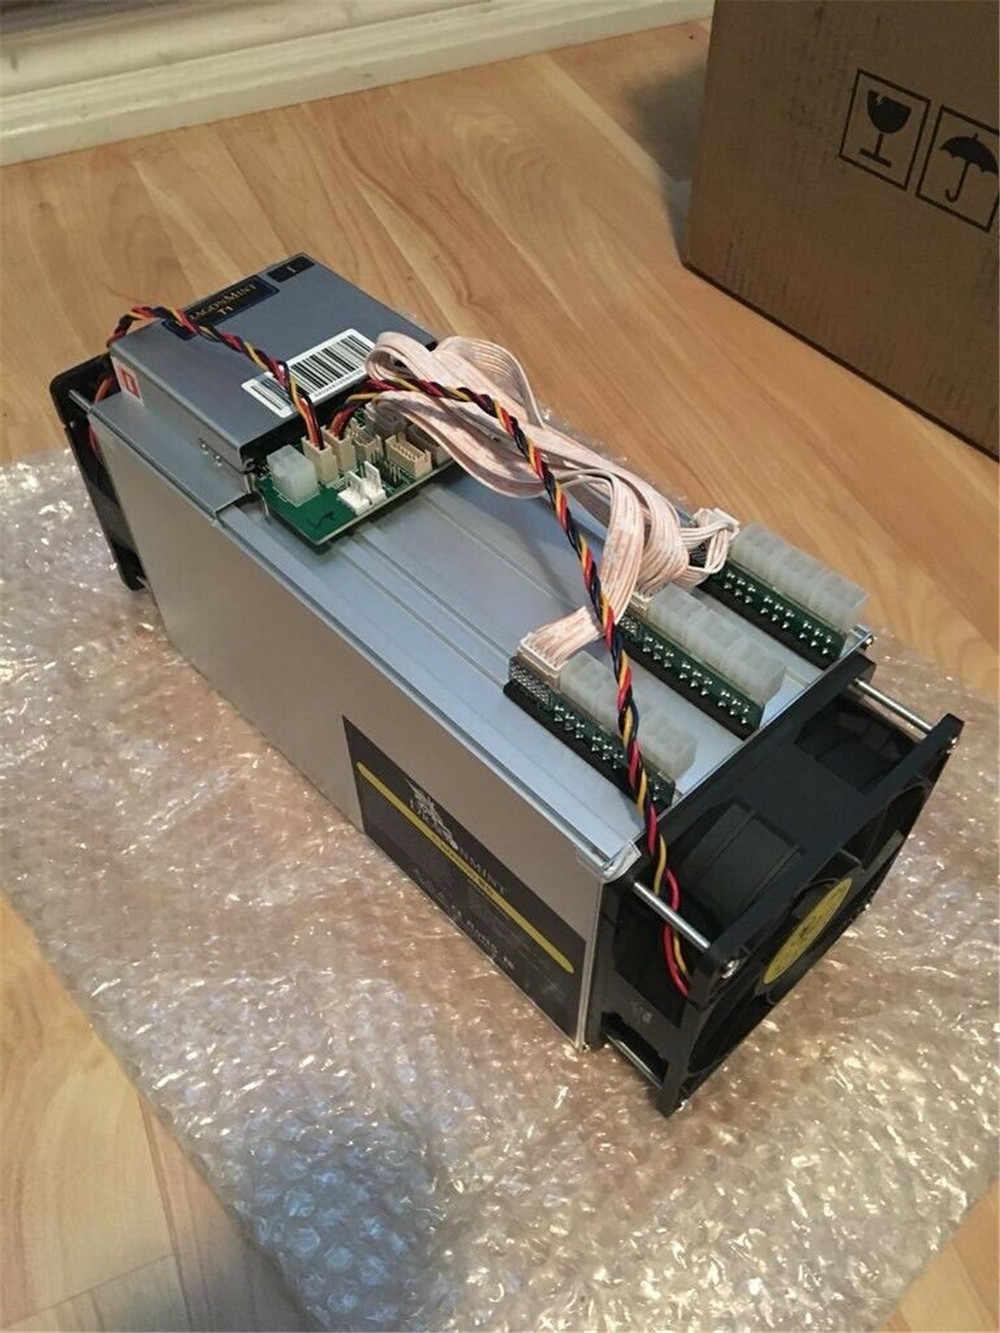 Minero libélula Innosilicon usado T1 15TH/s SHA256 Asic BTC BCH con PSU mejor que Antminer S9 T9 + S11 S15 Whatsminer M3